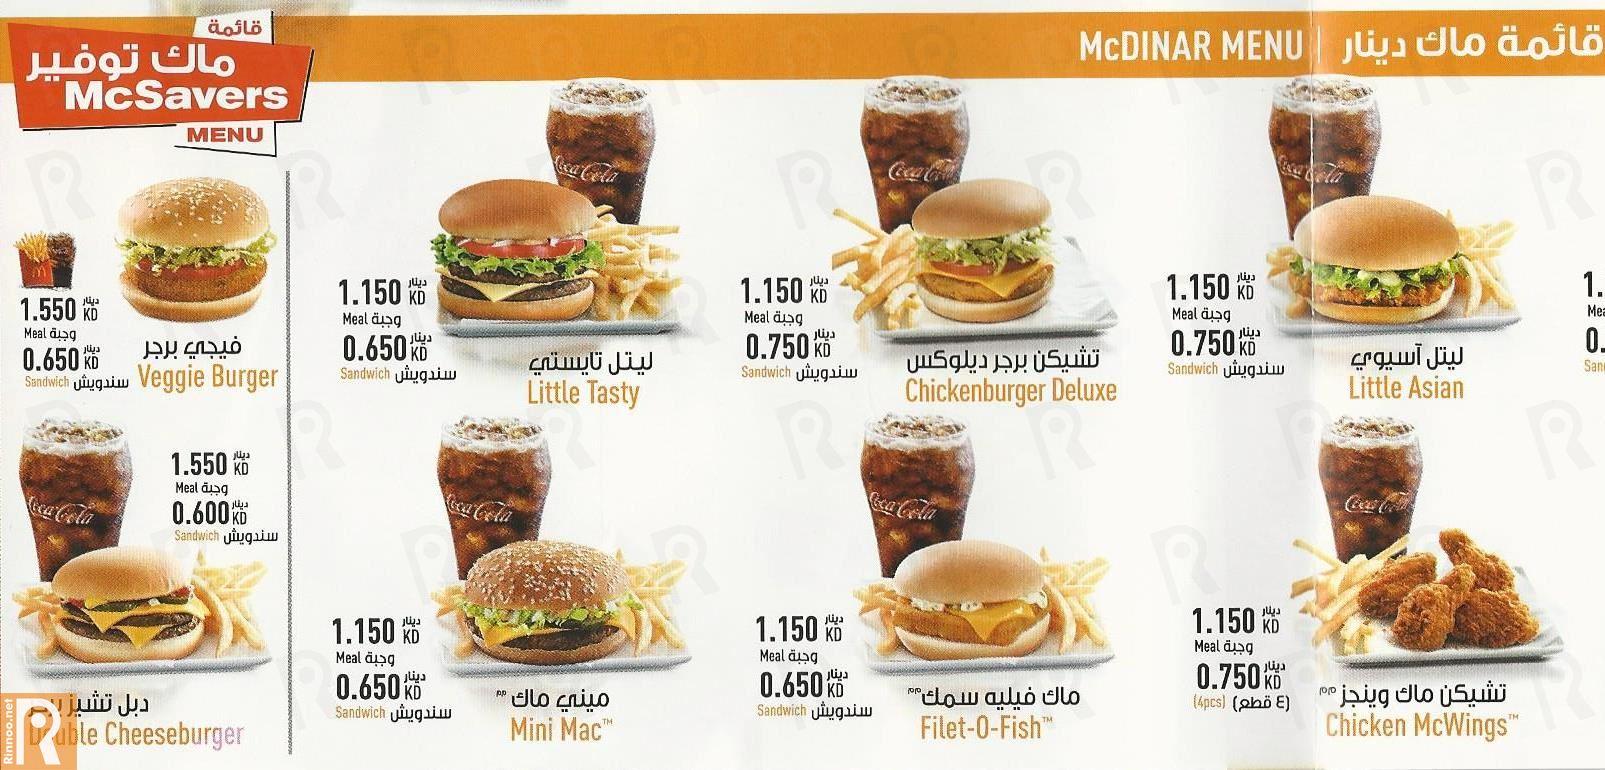 قائمة توصيل وأسعار وجبات مطعم ماكدونالدز الكويت موقع رنوو نت